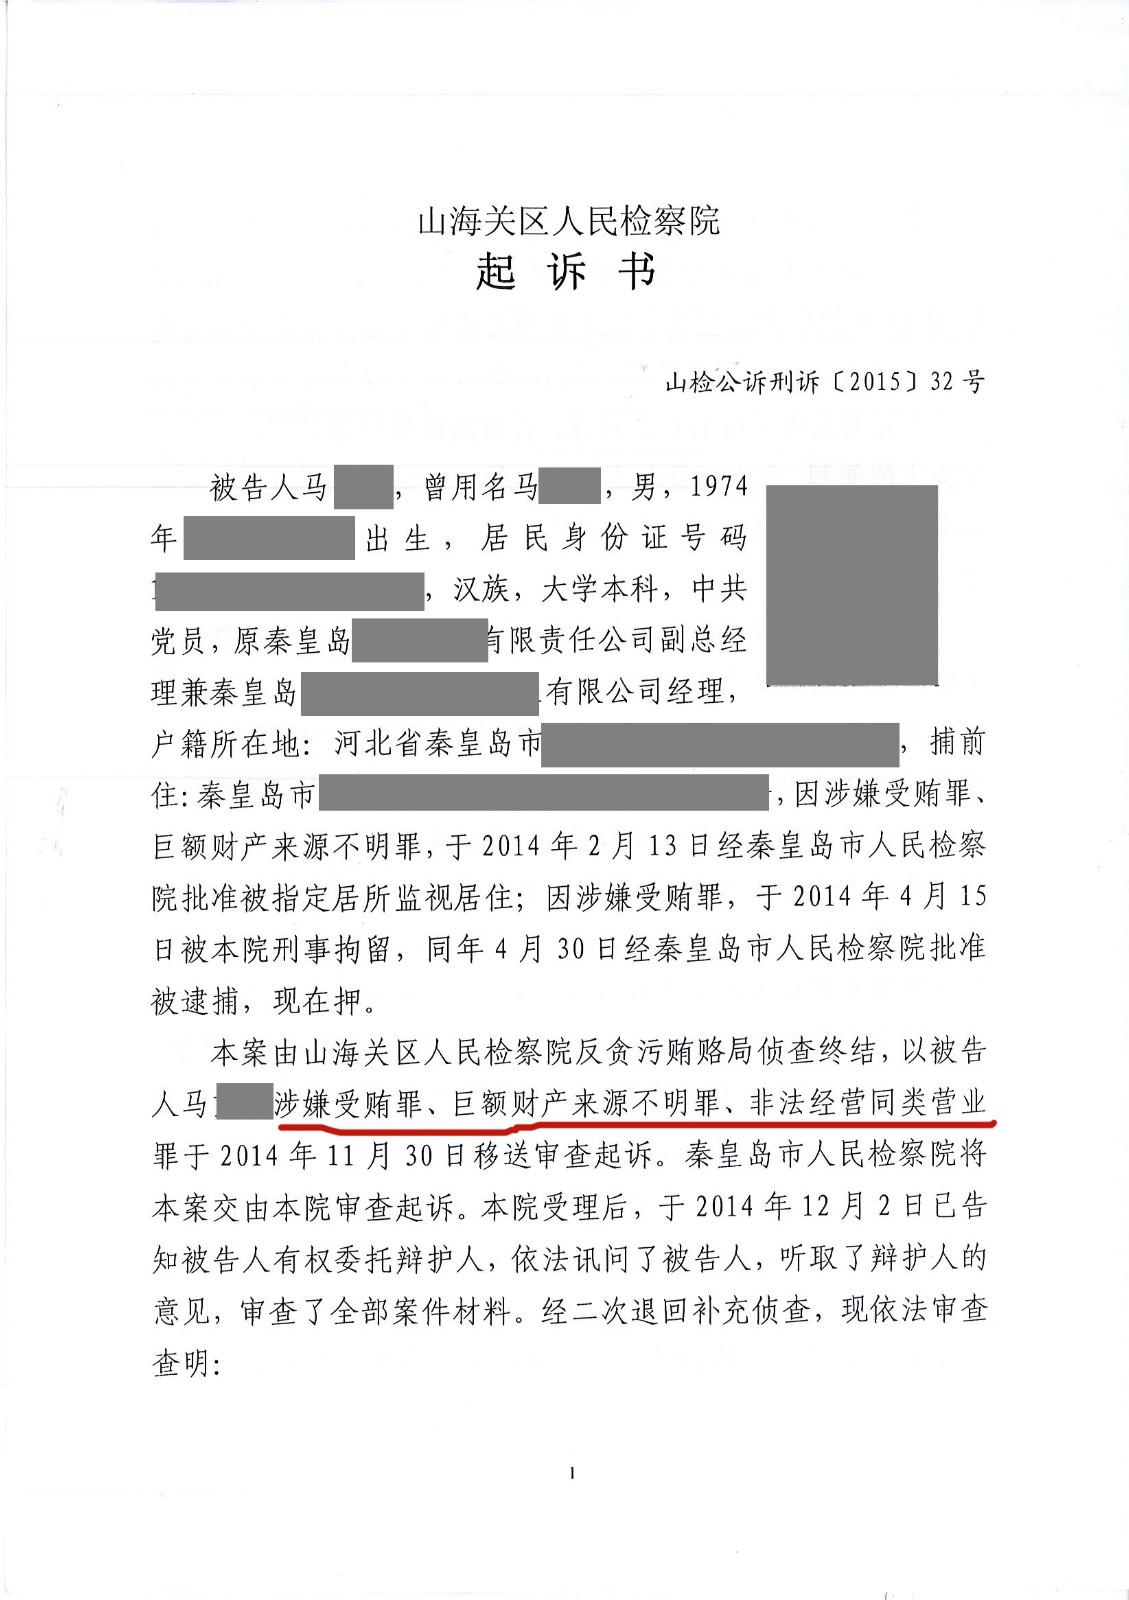 马重群起诉书-山检公诉刑诉【2015】32号-111.jpg